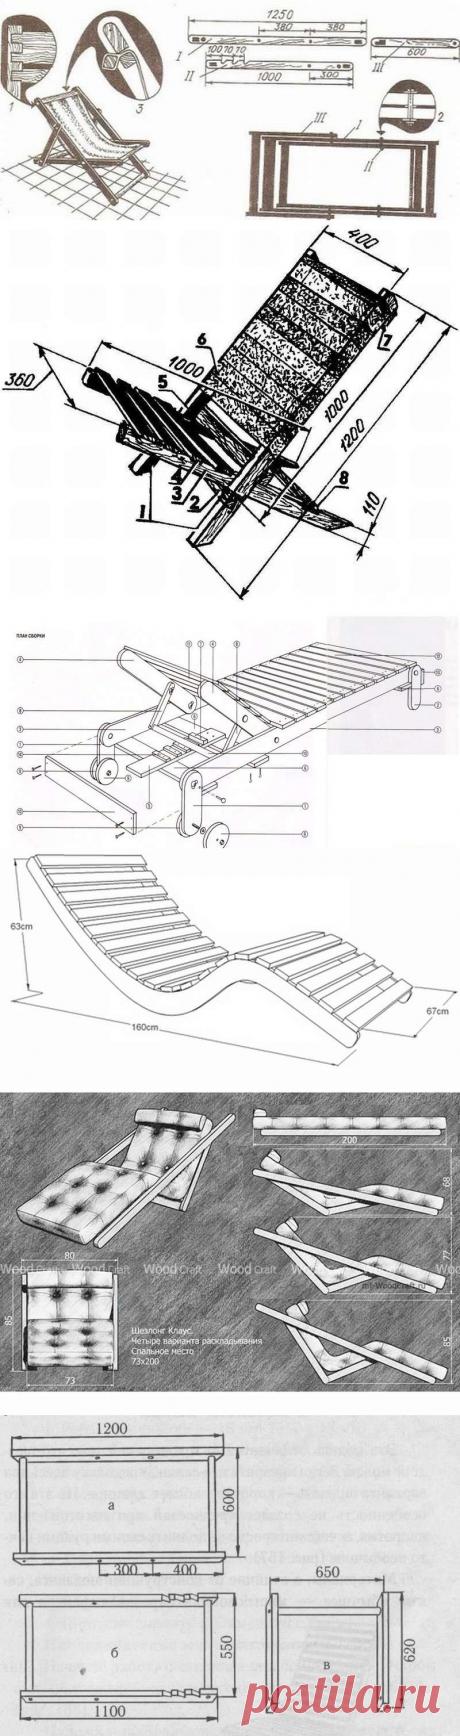 Схемы сборки шезлонгов и лежаков